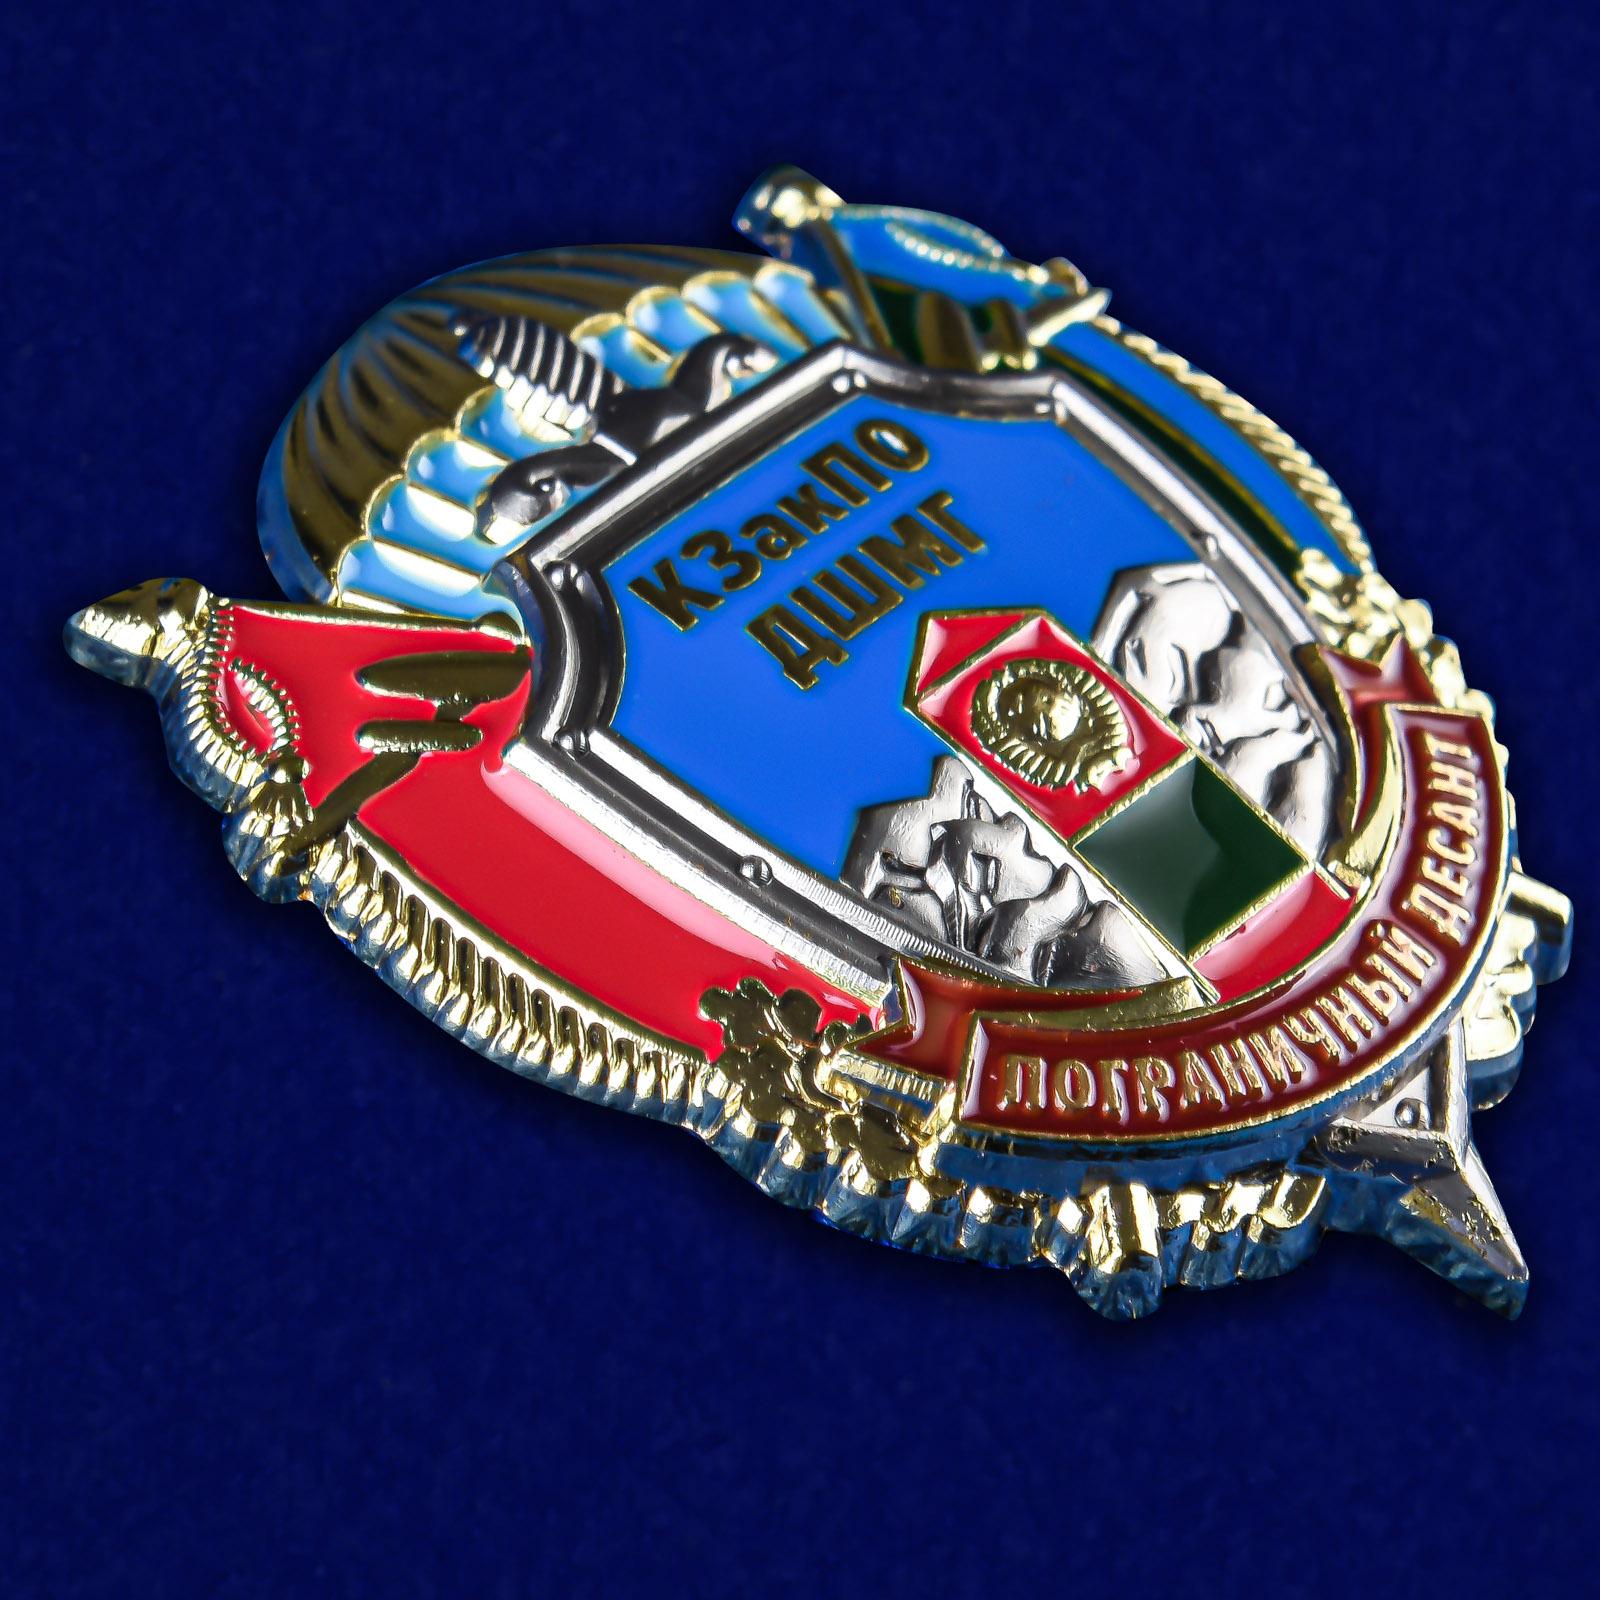 Памятный знак КЗакПО ДШМГ Пограничный десант - общий вид